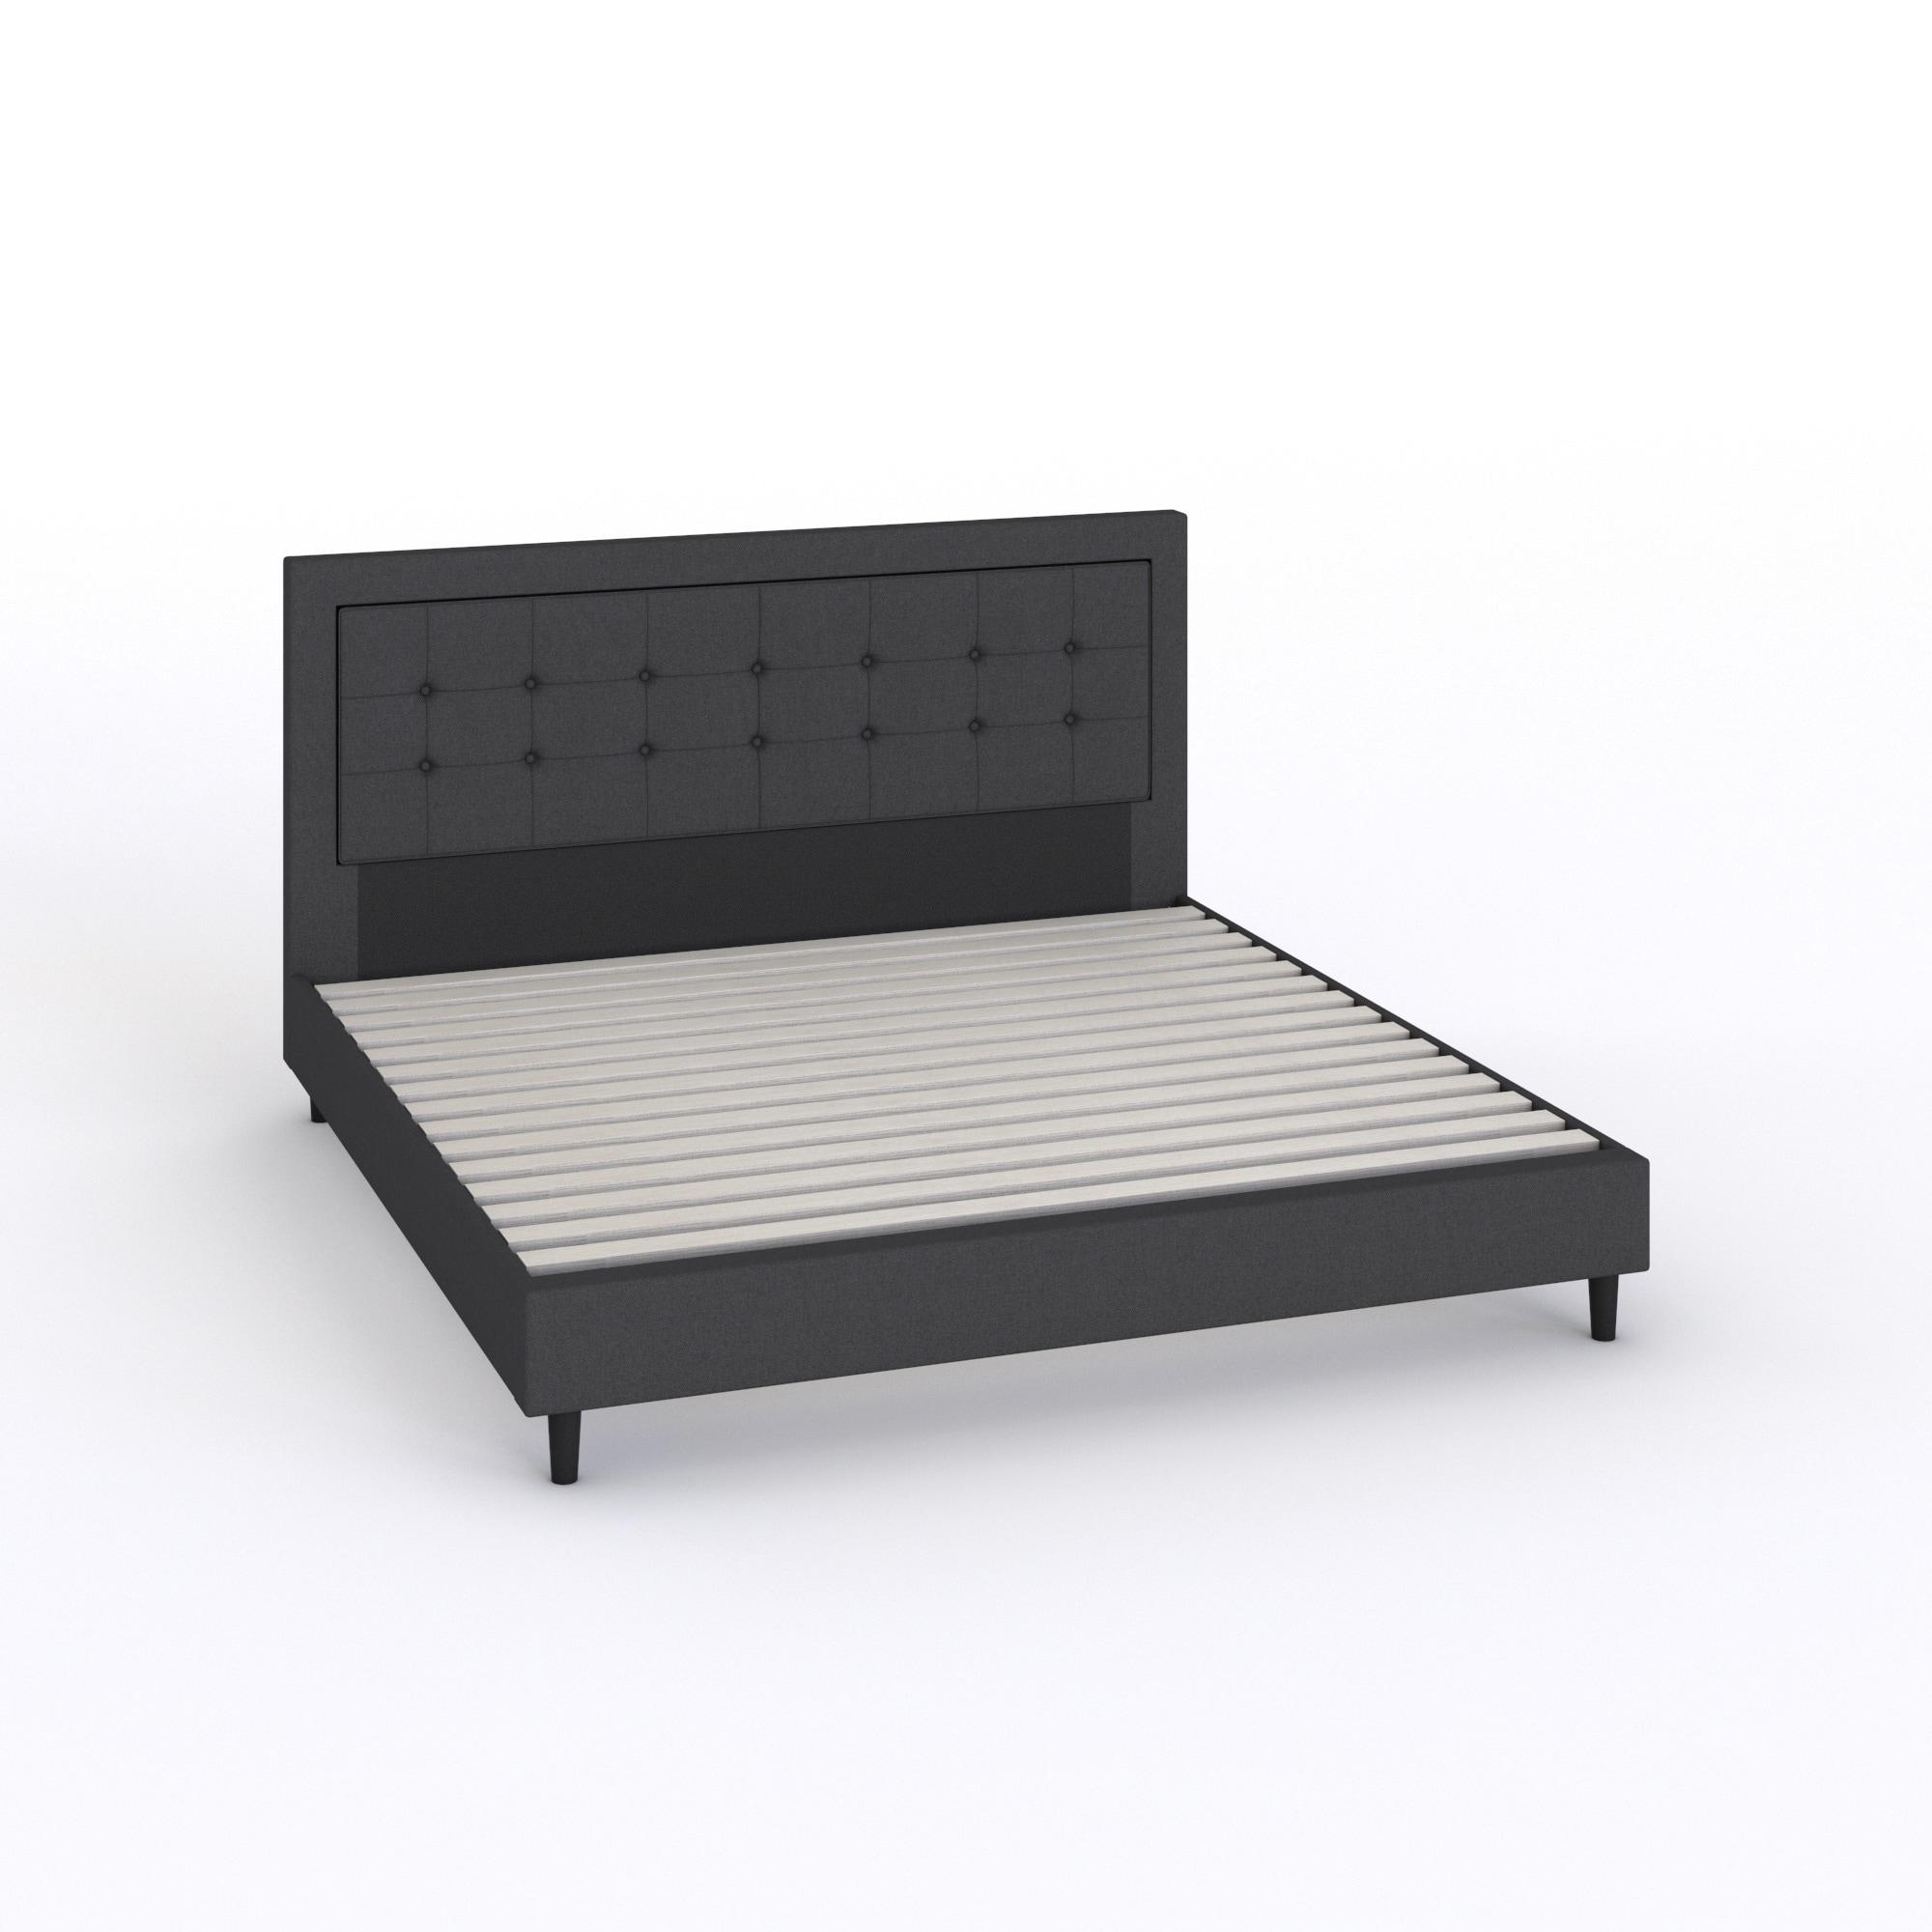 Leonidas Belfast Button Tufted Grey Upholstered King-size Platform Bed